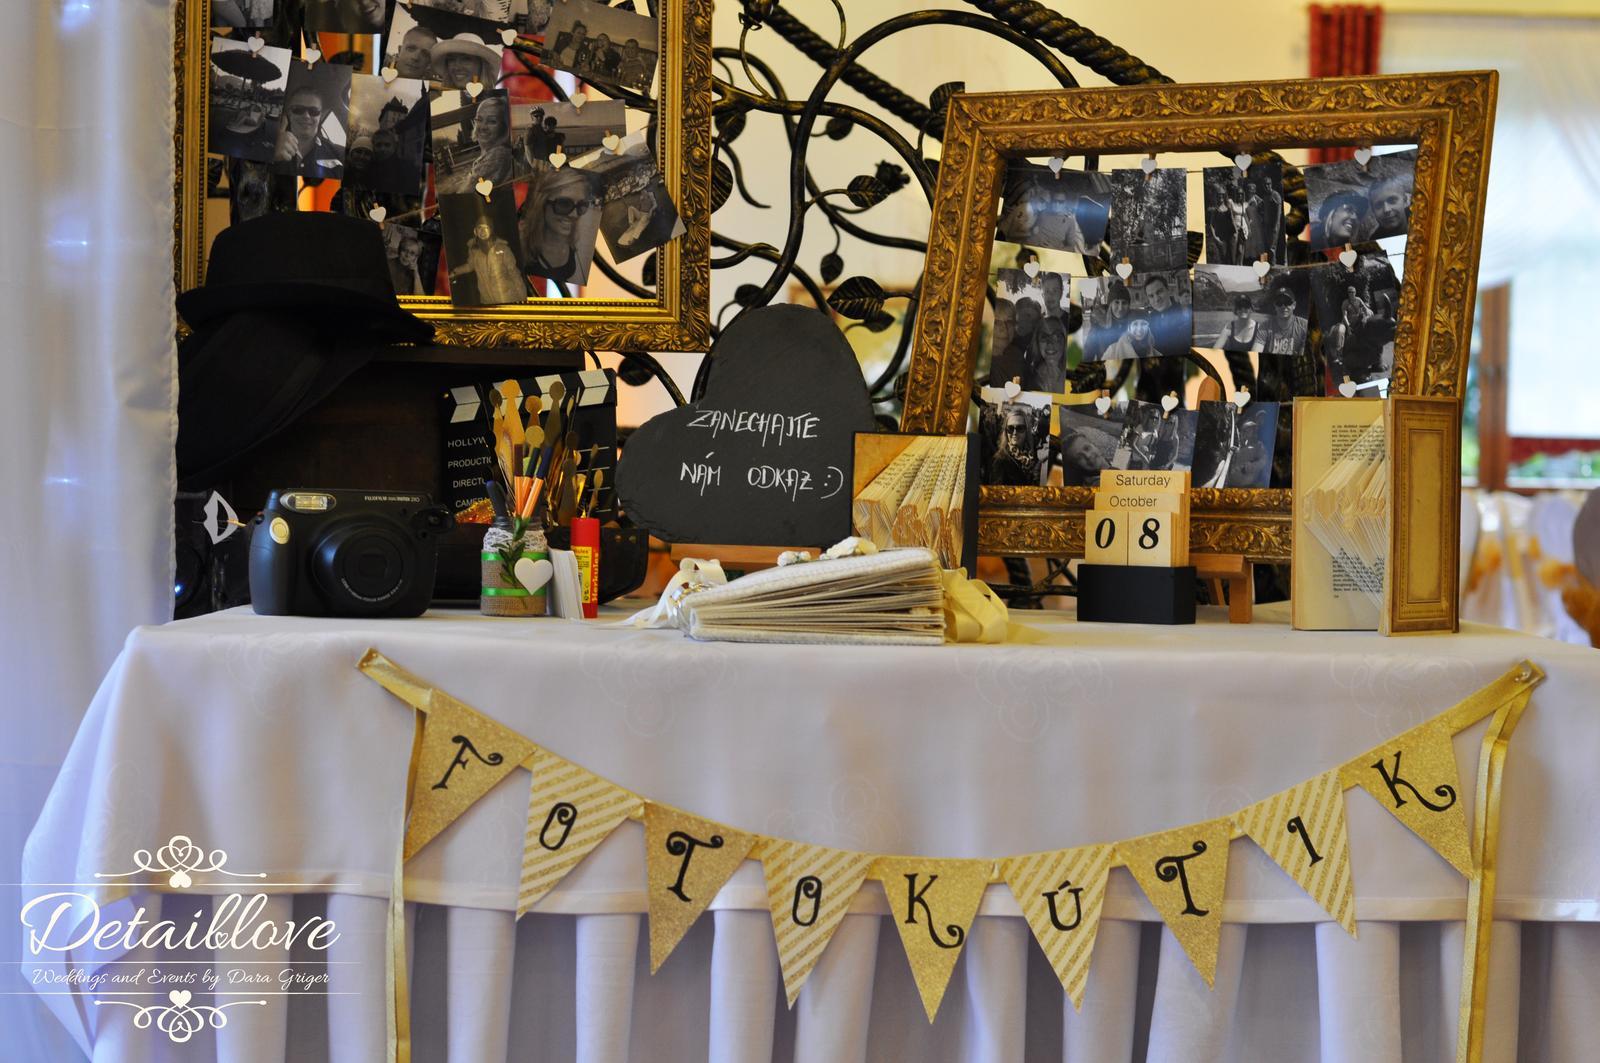 Fotokútik a fotostena - Originálne zdobený fotokútik a podsvietená fotostena - realizácia a dekorácia v priestoroch reštaurácie Hučavy - svadobné štúdio Detaillove. Neváhajte nás kontaktovať na : detaillove.wedding@gmail.com